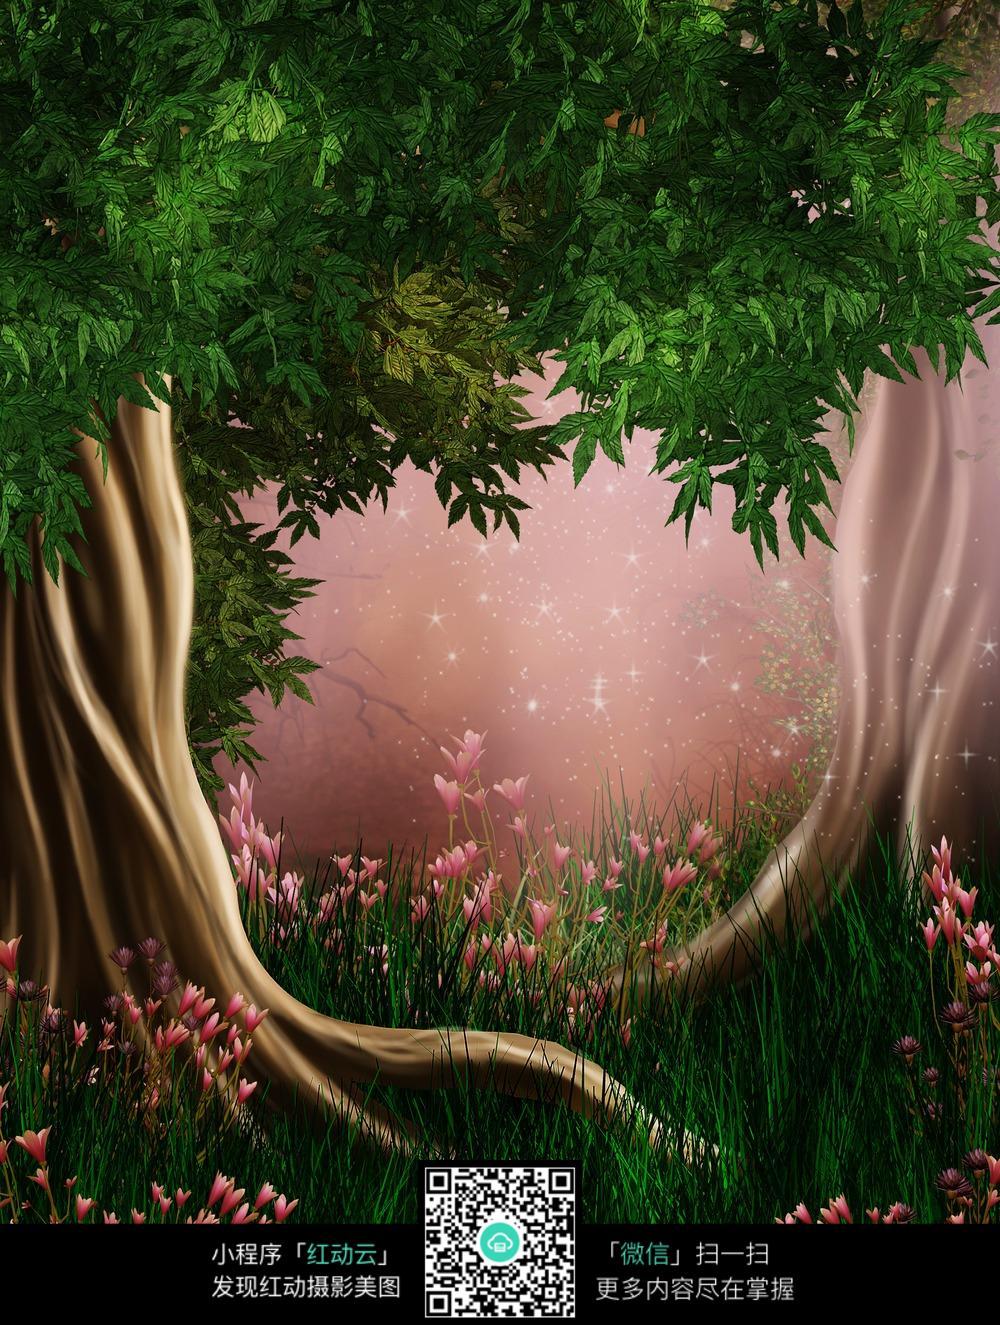 唯美花草树木背景